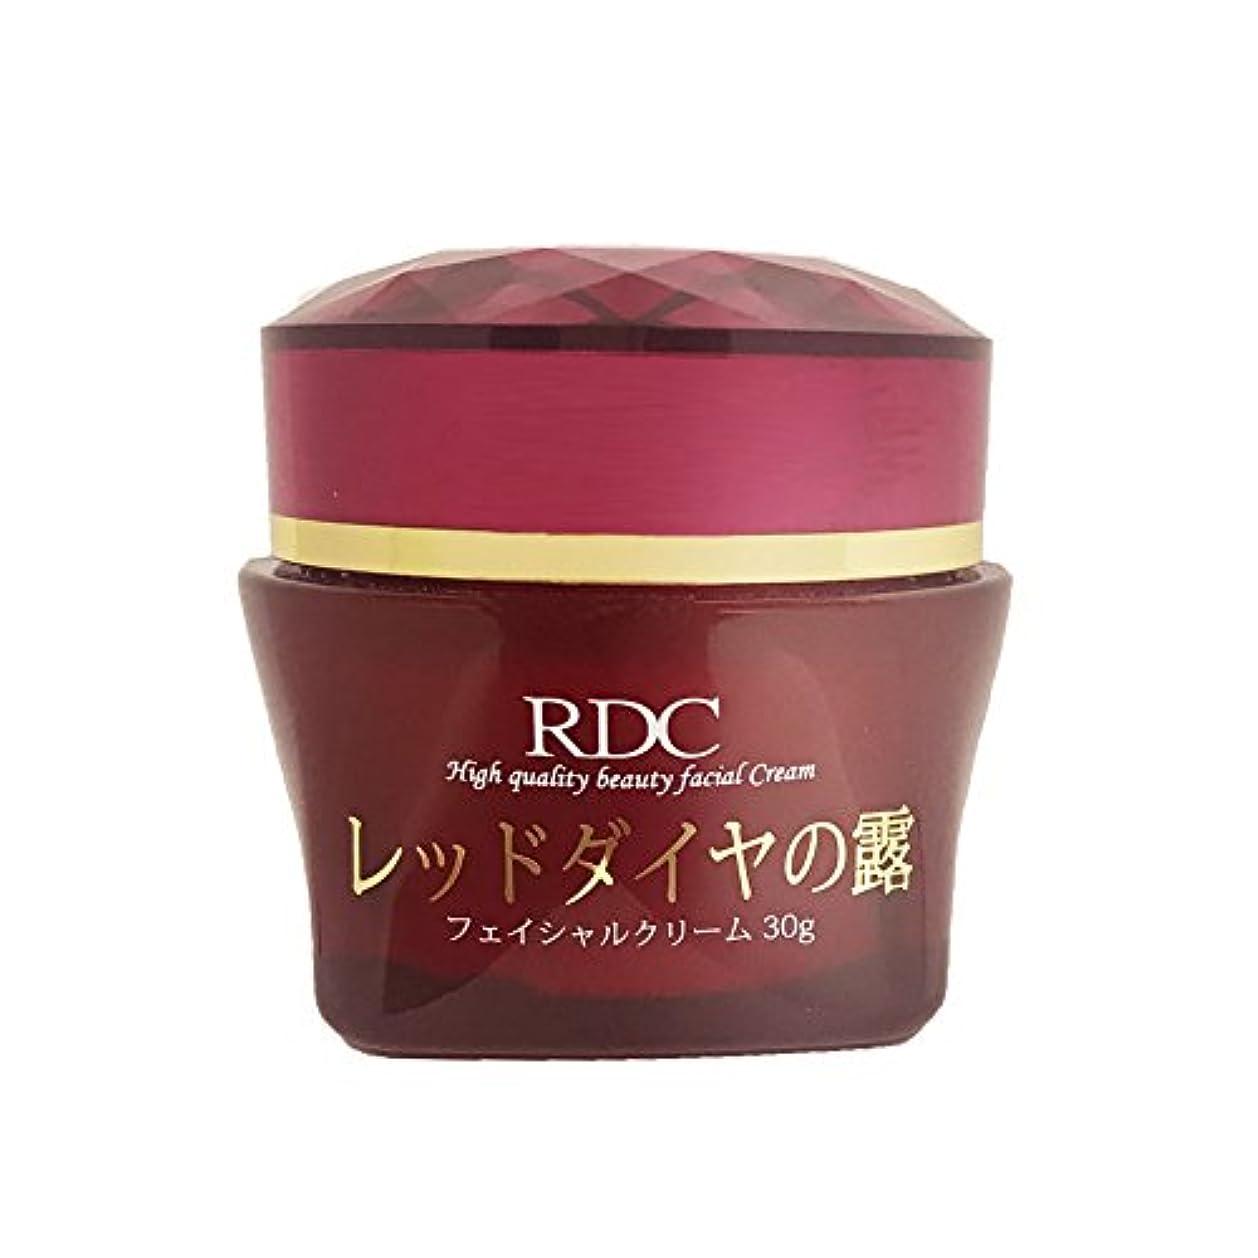 に向けて出発読みやすい考慮レッドダイヤの露 フェイシャルクリーム 保湿乳液 日本製